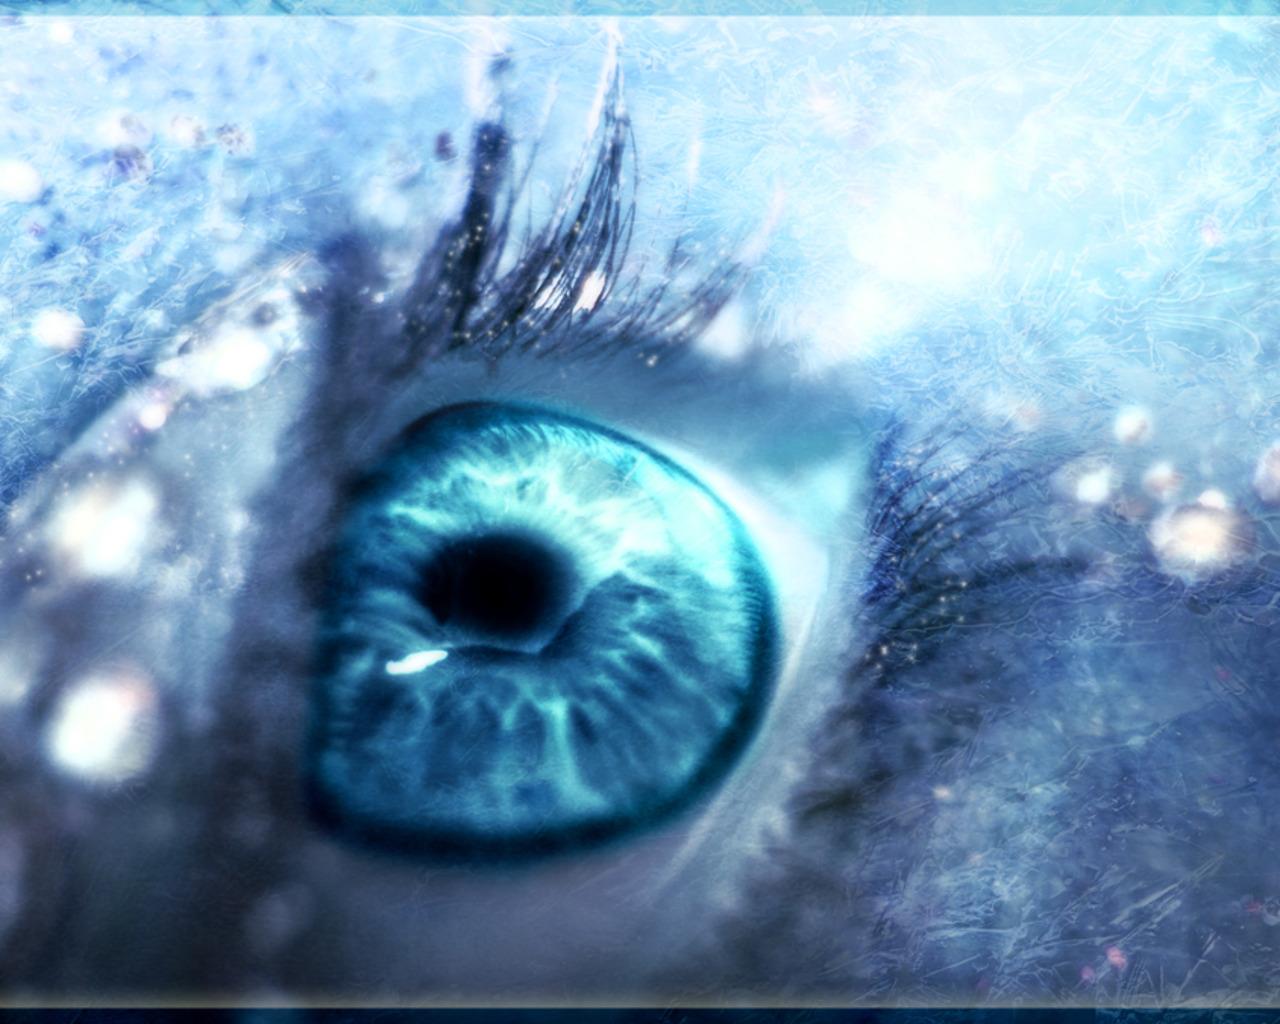 сам питомец картинка глаза неба синего россии нормально живут